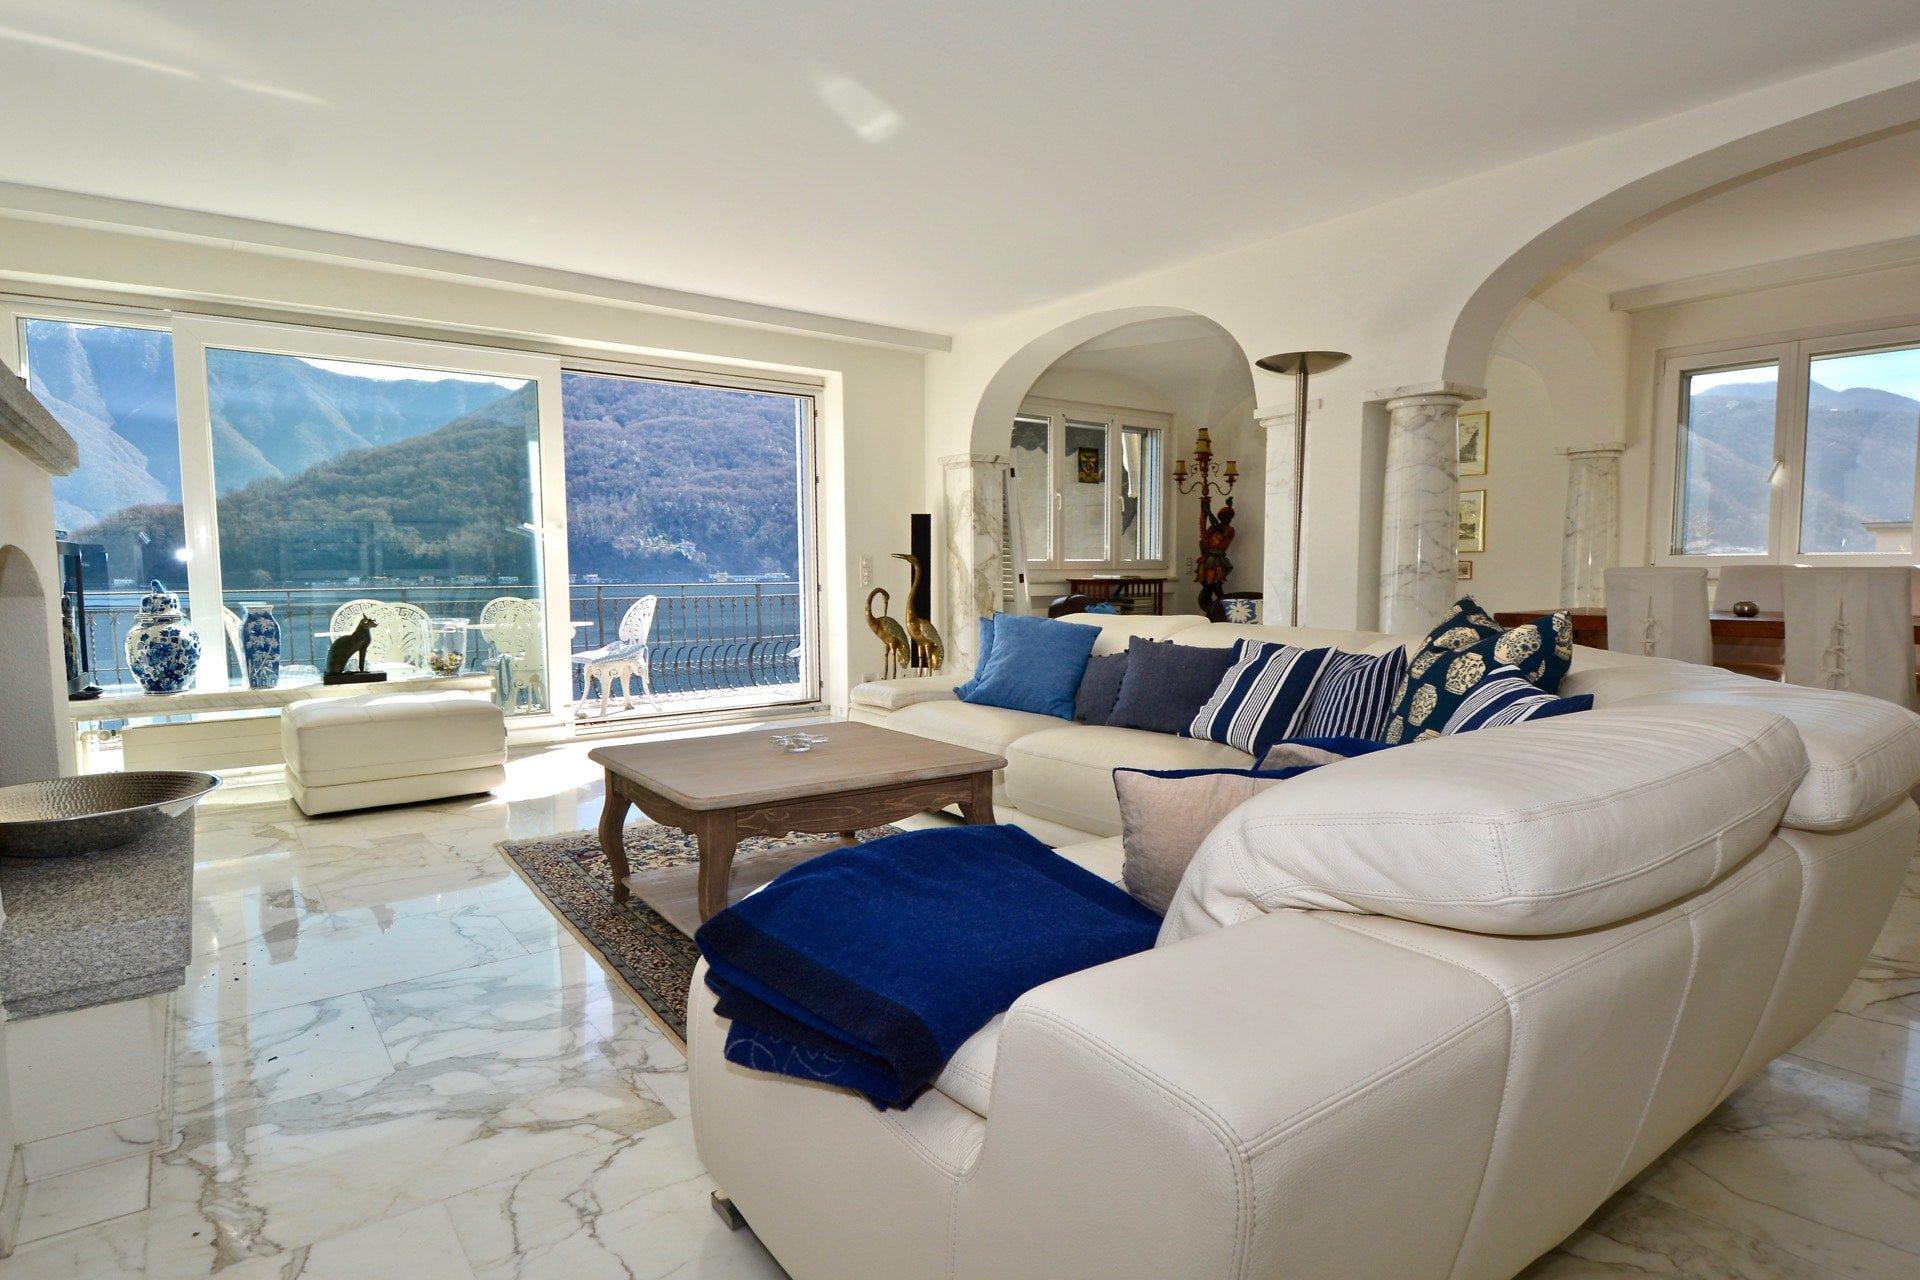 Splendida villa a Vico Morcote, Svizzera con accesso diretto al lago e due posti barca privati in vendita